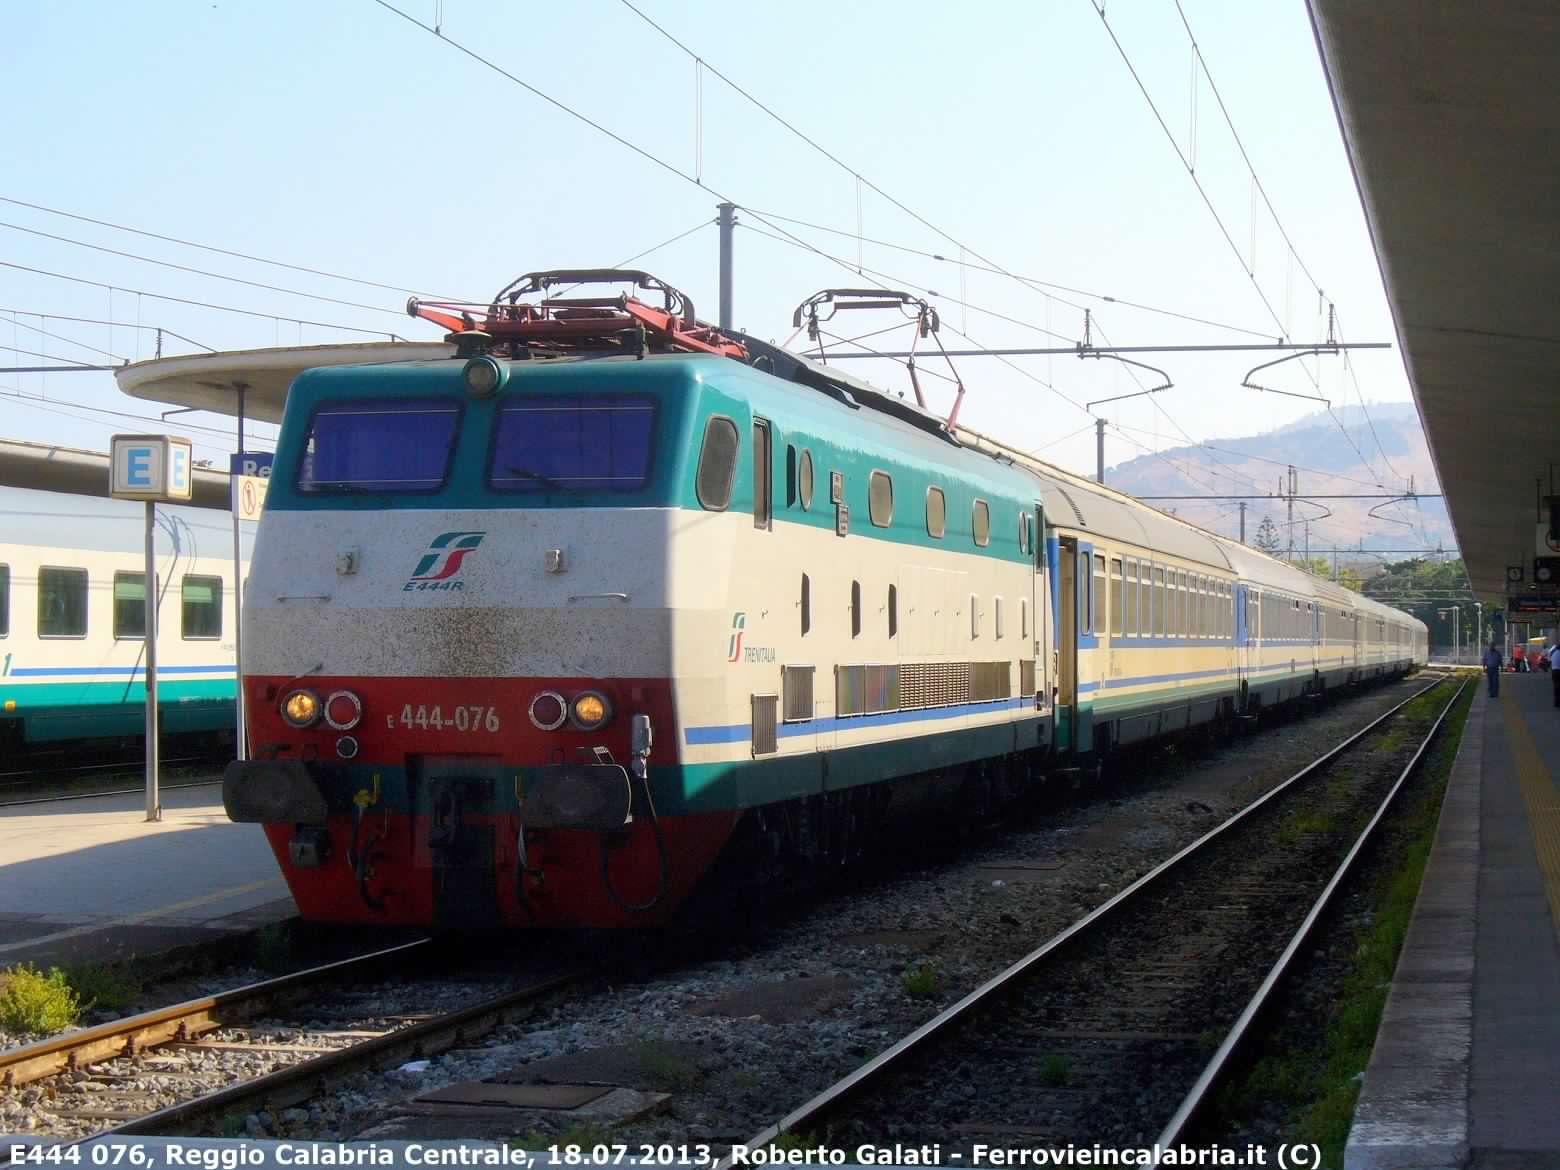 E444 076-ICN795-ReggioCalabriaCentrale-2013-07-18-RobertoGalati 3